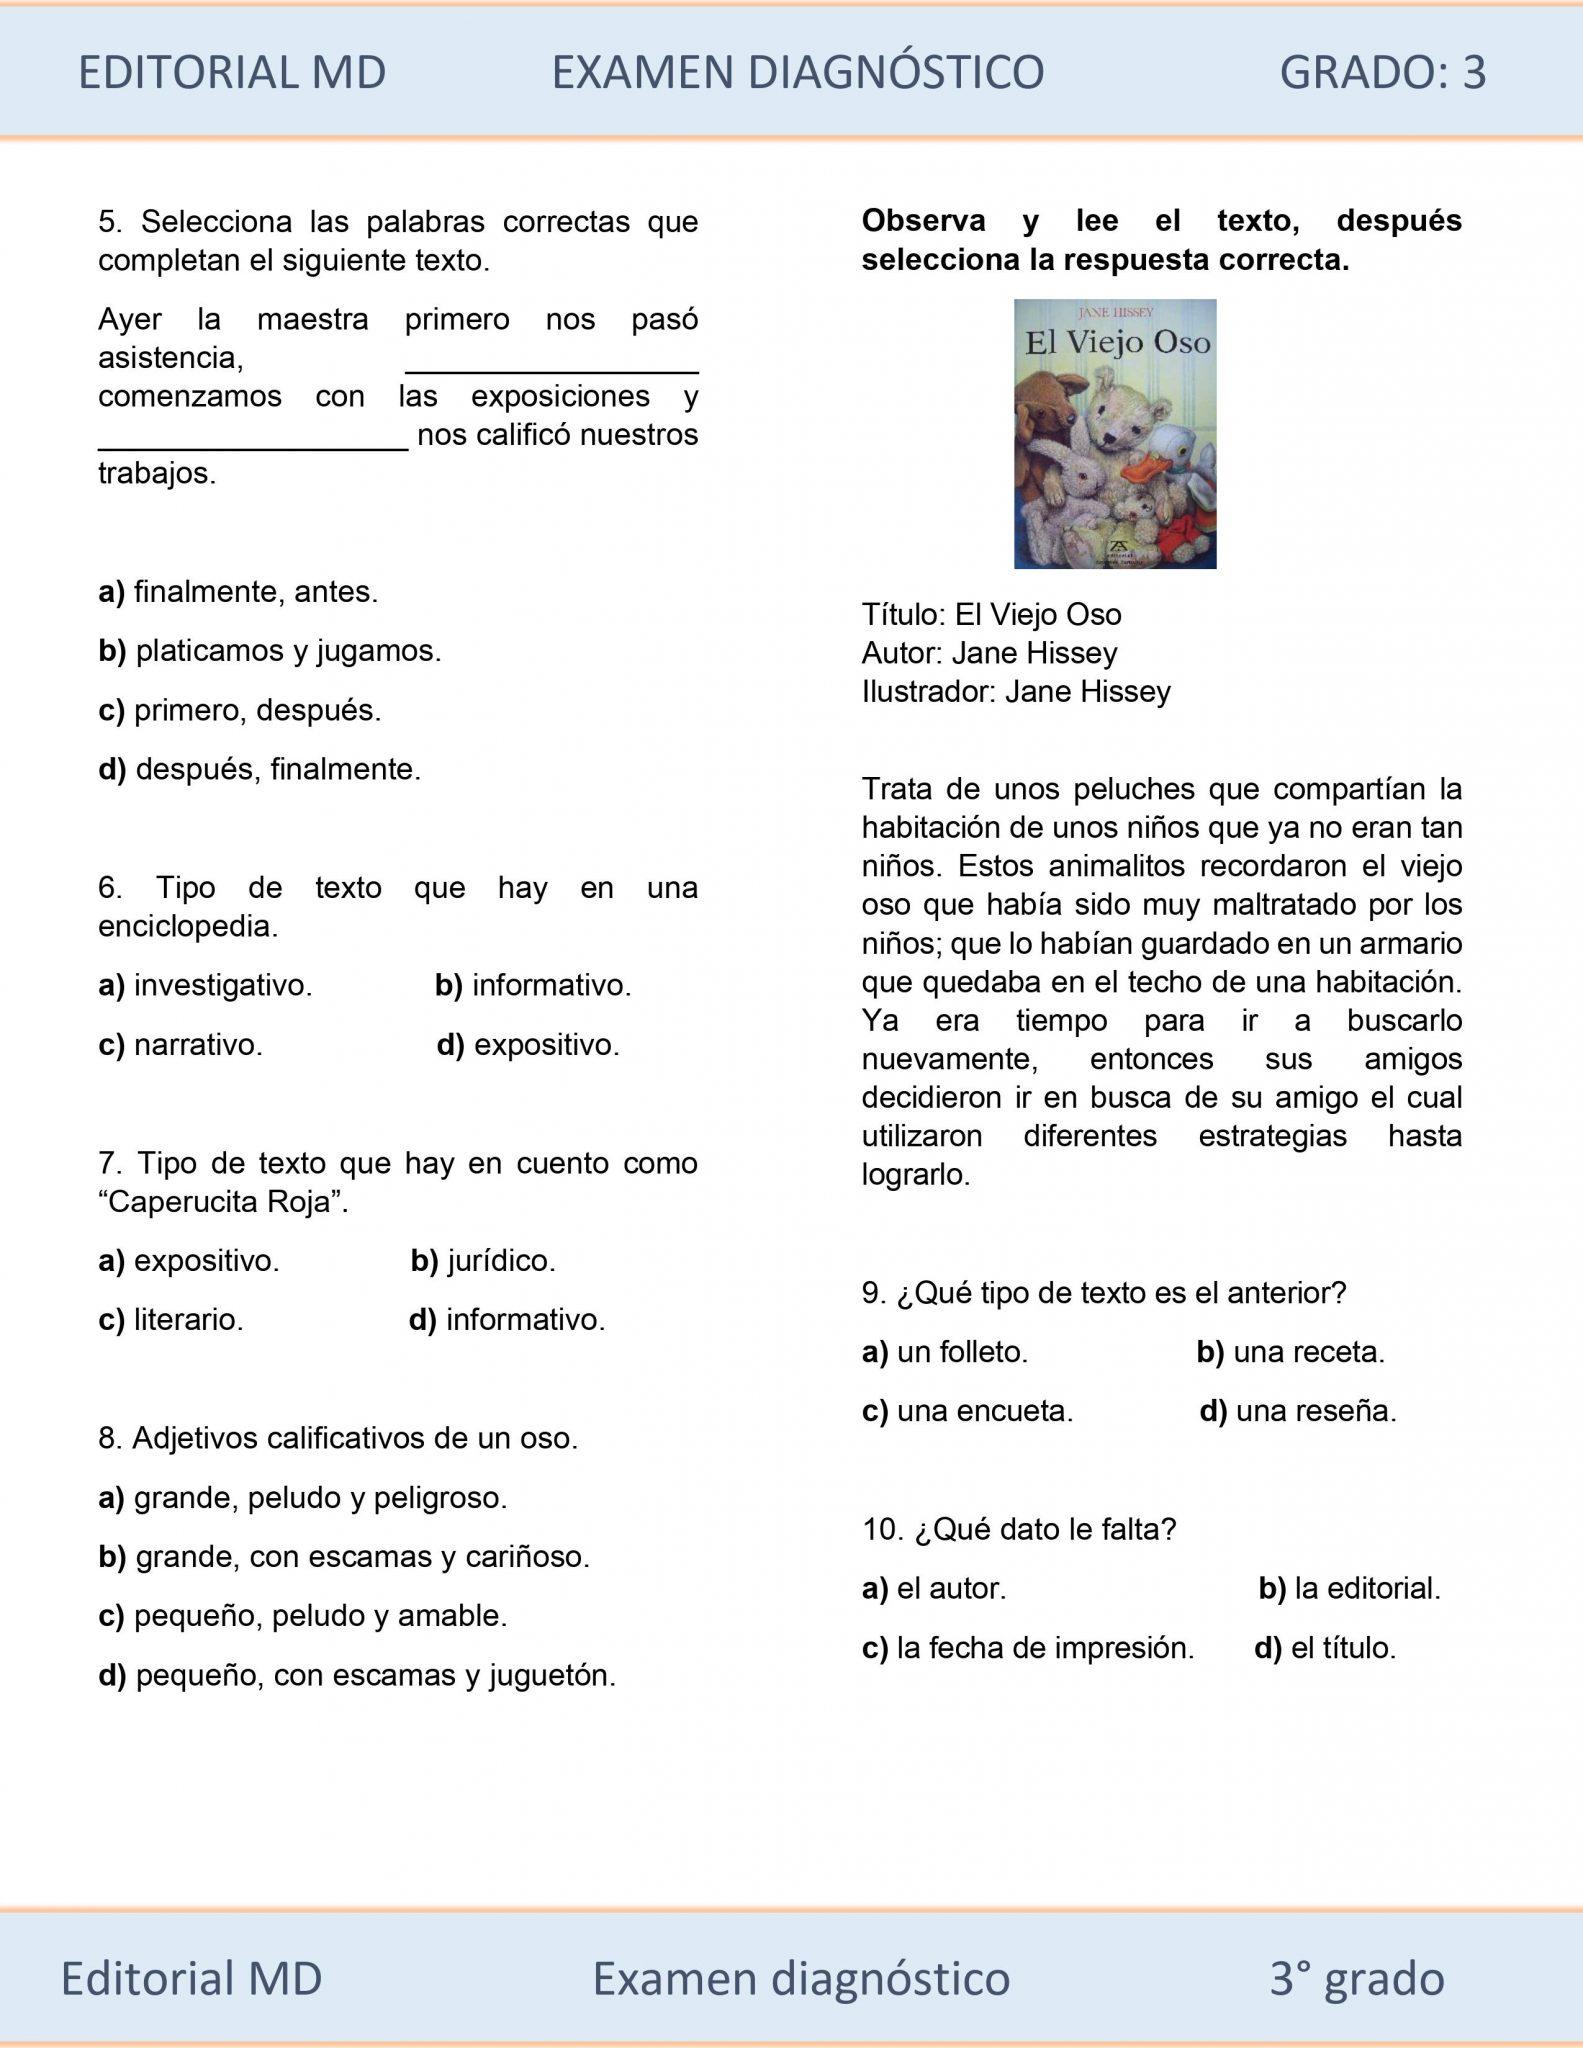 EJEMPLO DE EVALUACIÓN DIAGNÓSTICA 3ER GRADO 03